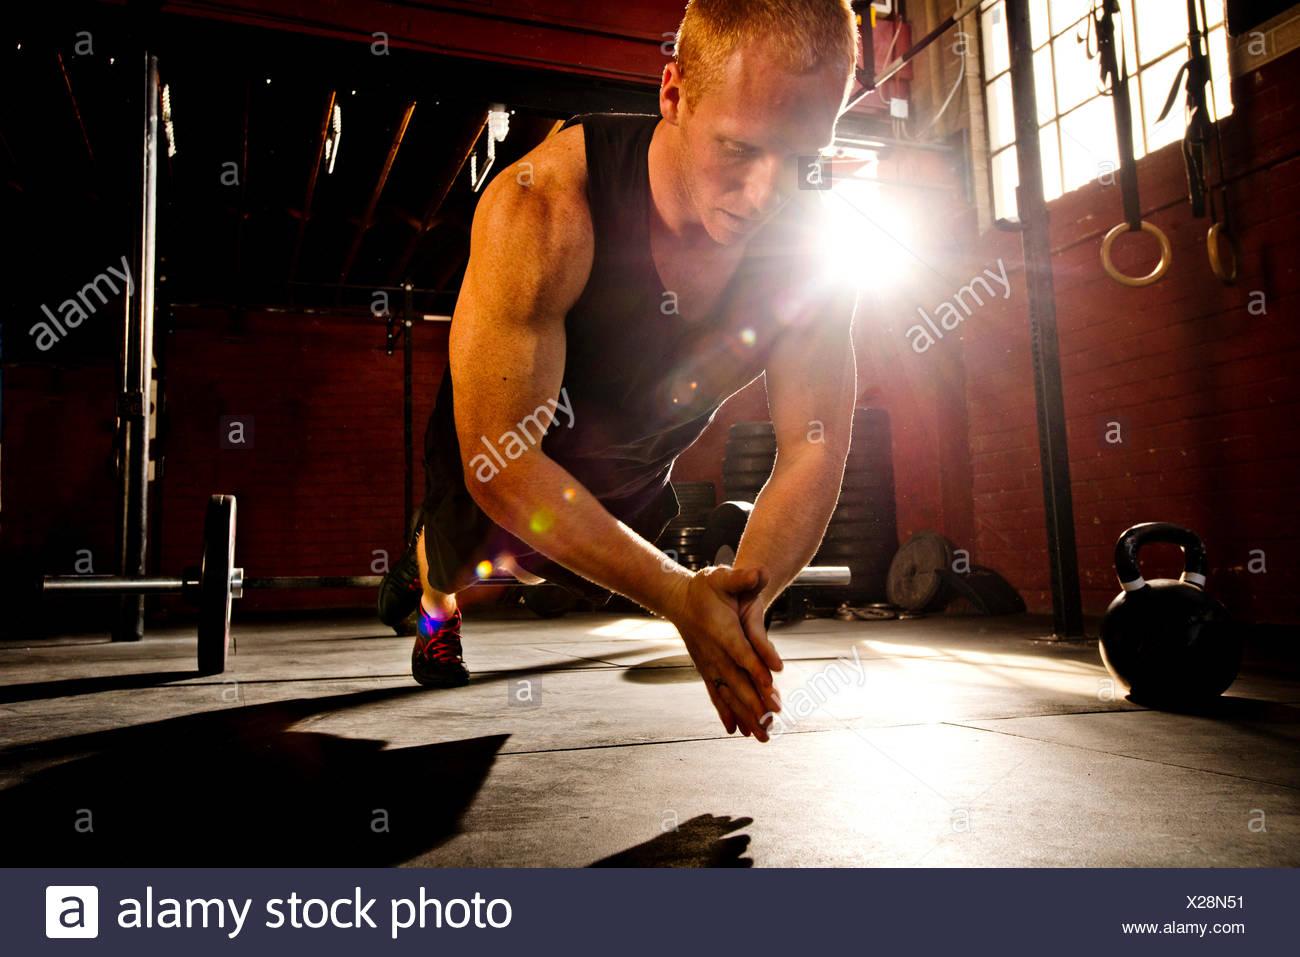 Un atleta crossfit funziona in una palestra crossfit. Immagini Stock